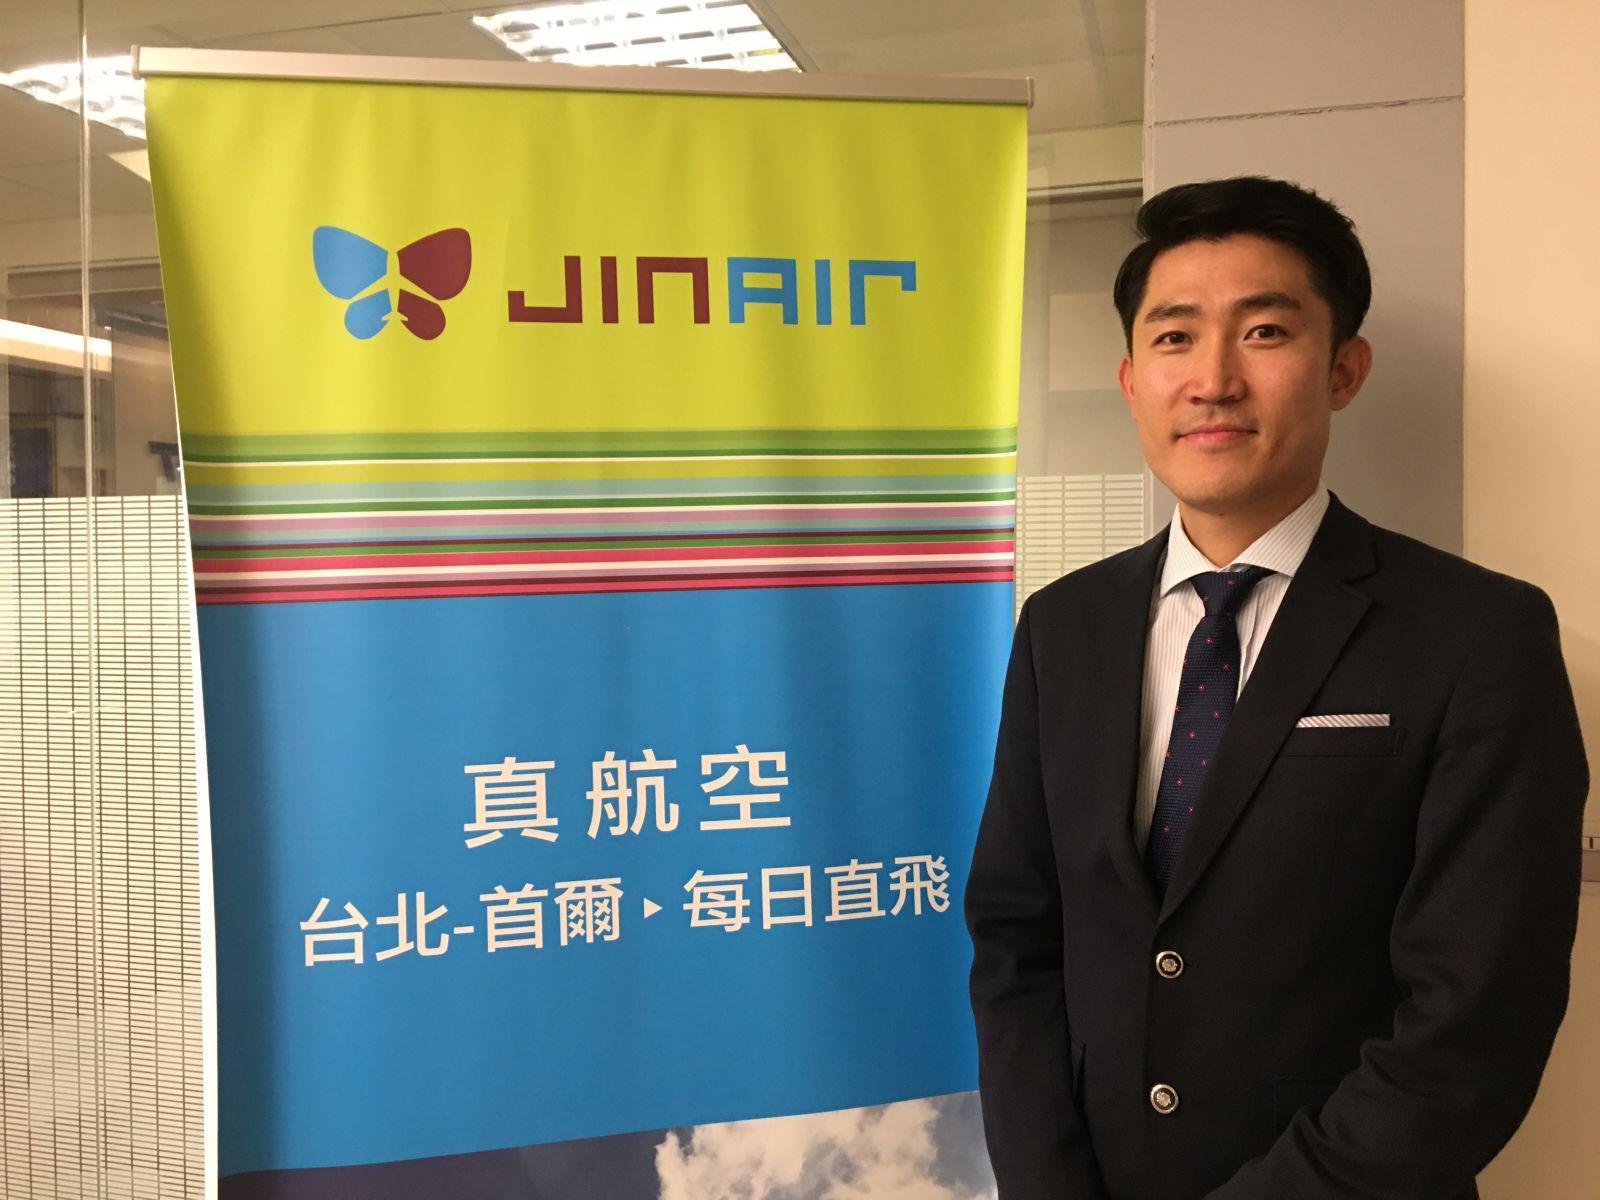 36歲韓國歐巴總經理駐台 過年沒放假反而更忙 機場就是第二個家